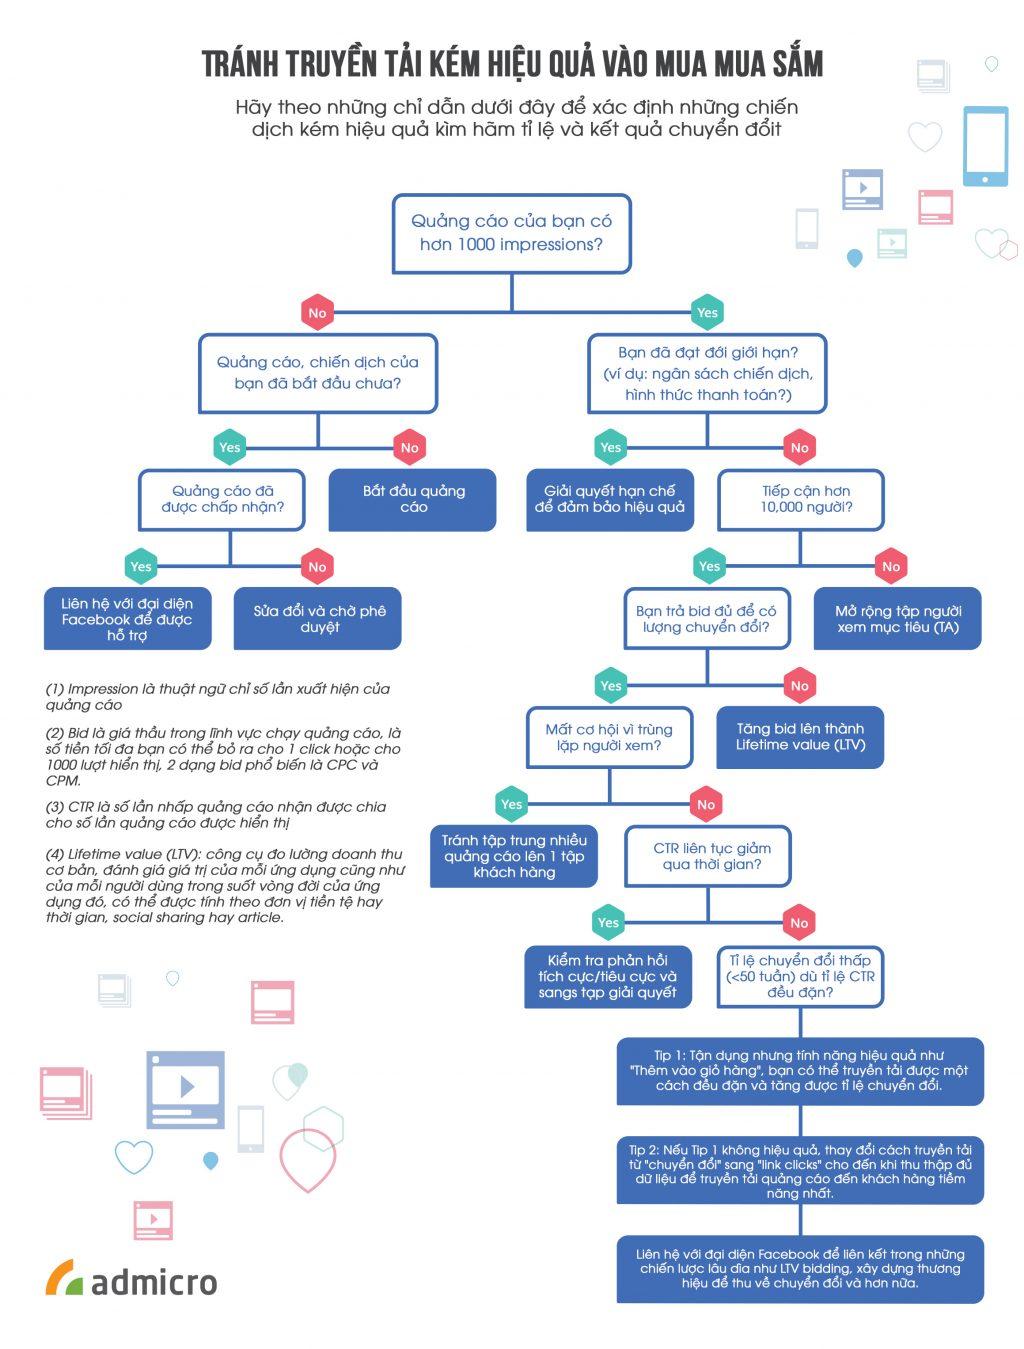 Quảng cáo facebook kém hiệu quả và cách khắc phục